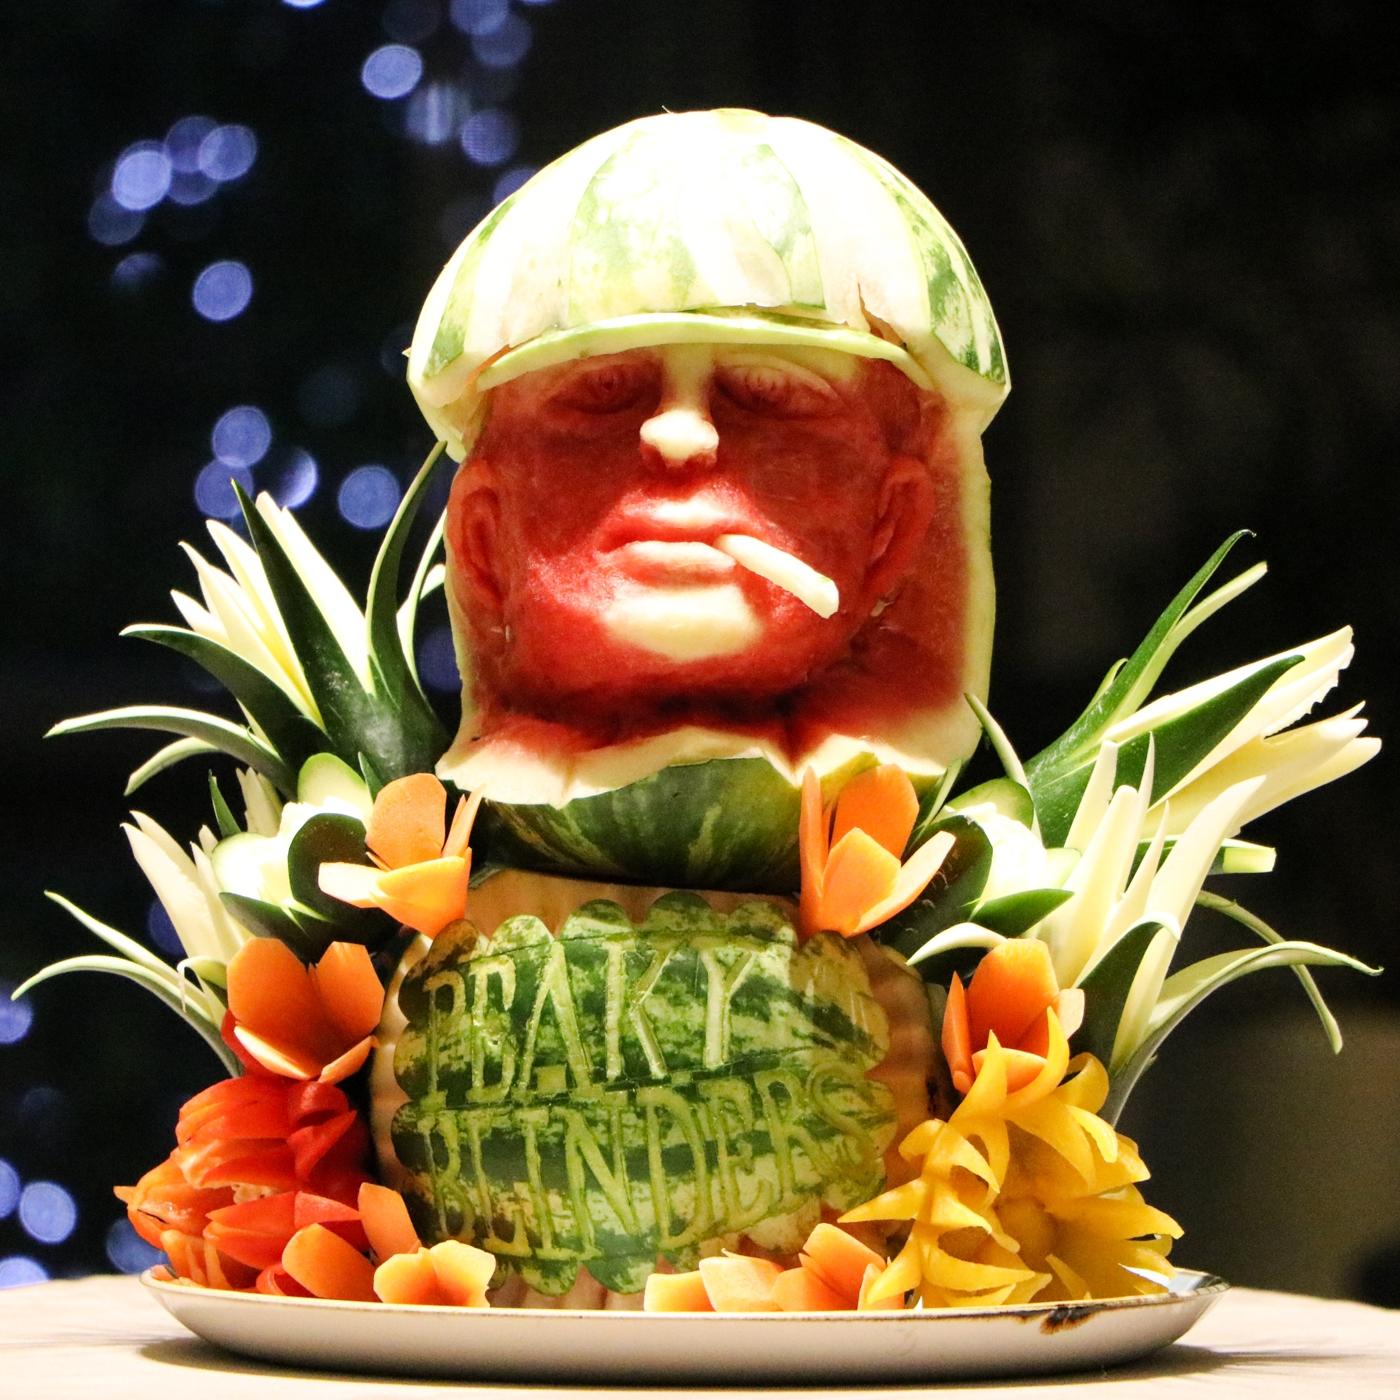 Peaky blinders carved fruit 4.jpg